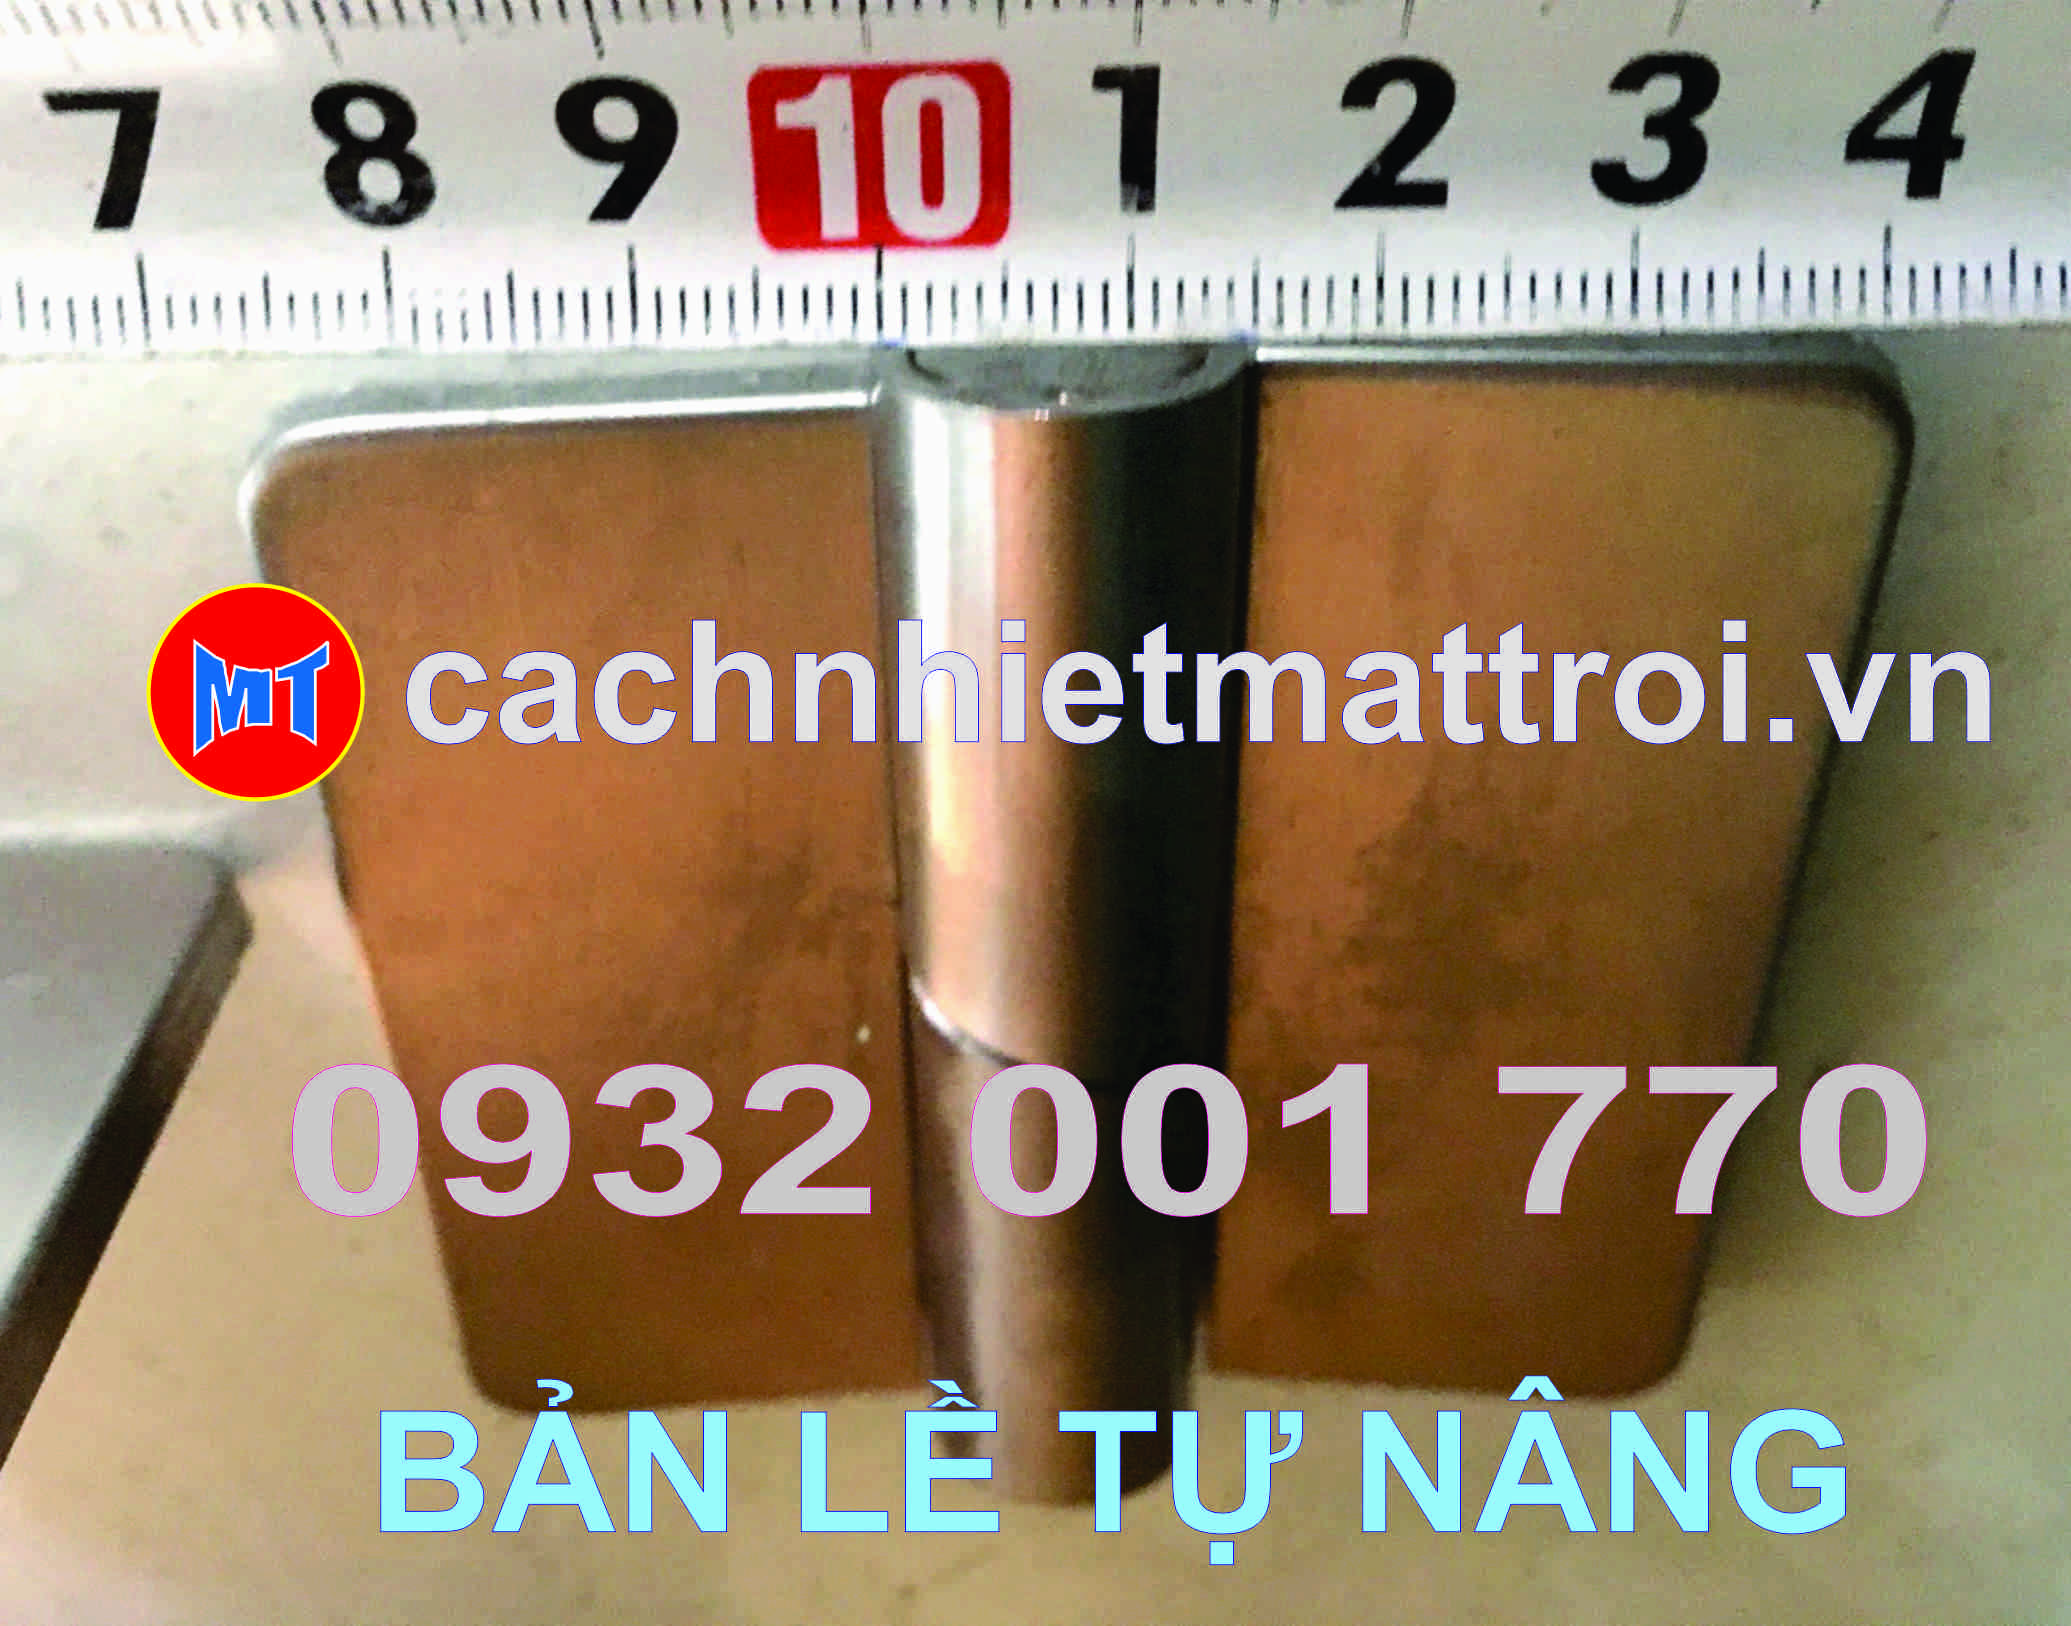 hình 1 BẢN LỀ TỰ NÂNG INOX 304 - BẢN LỀ CỬA PANEL PHÒNG SẠCH